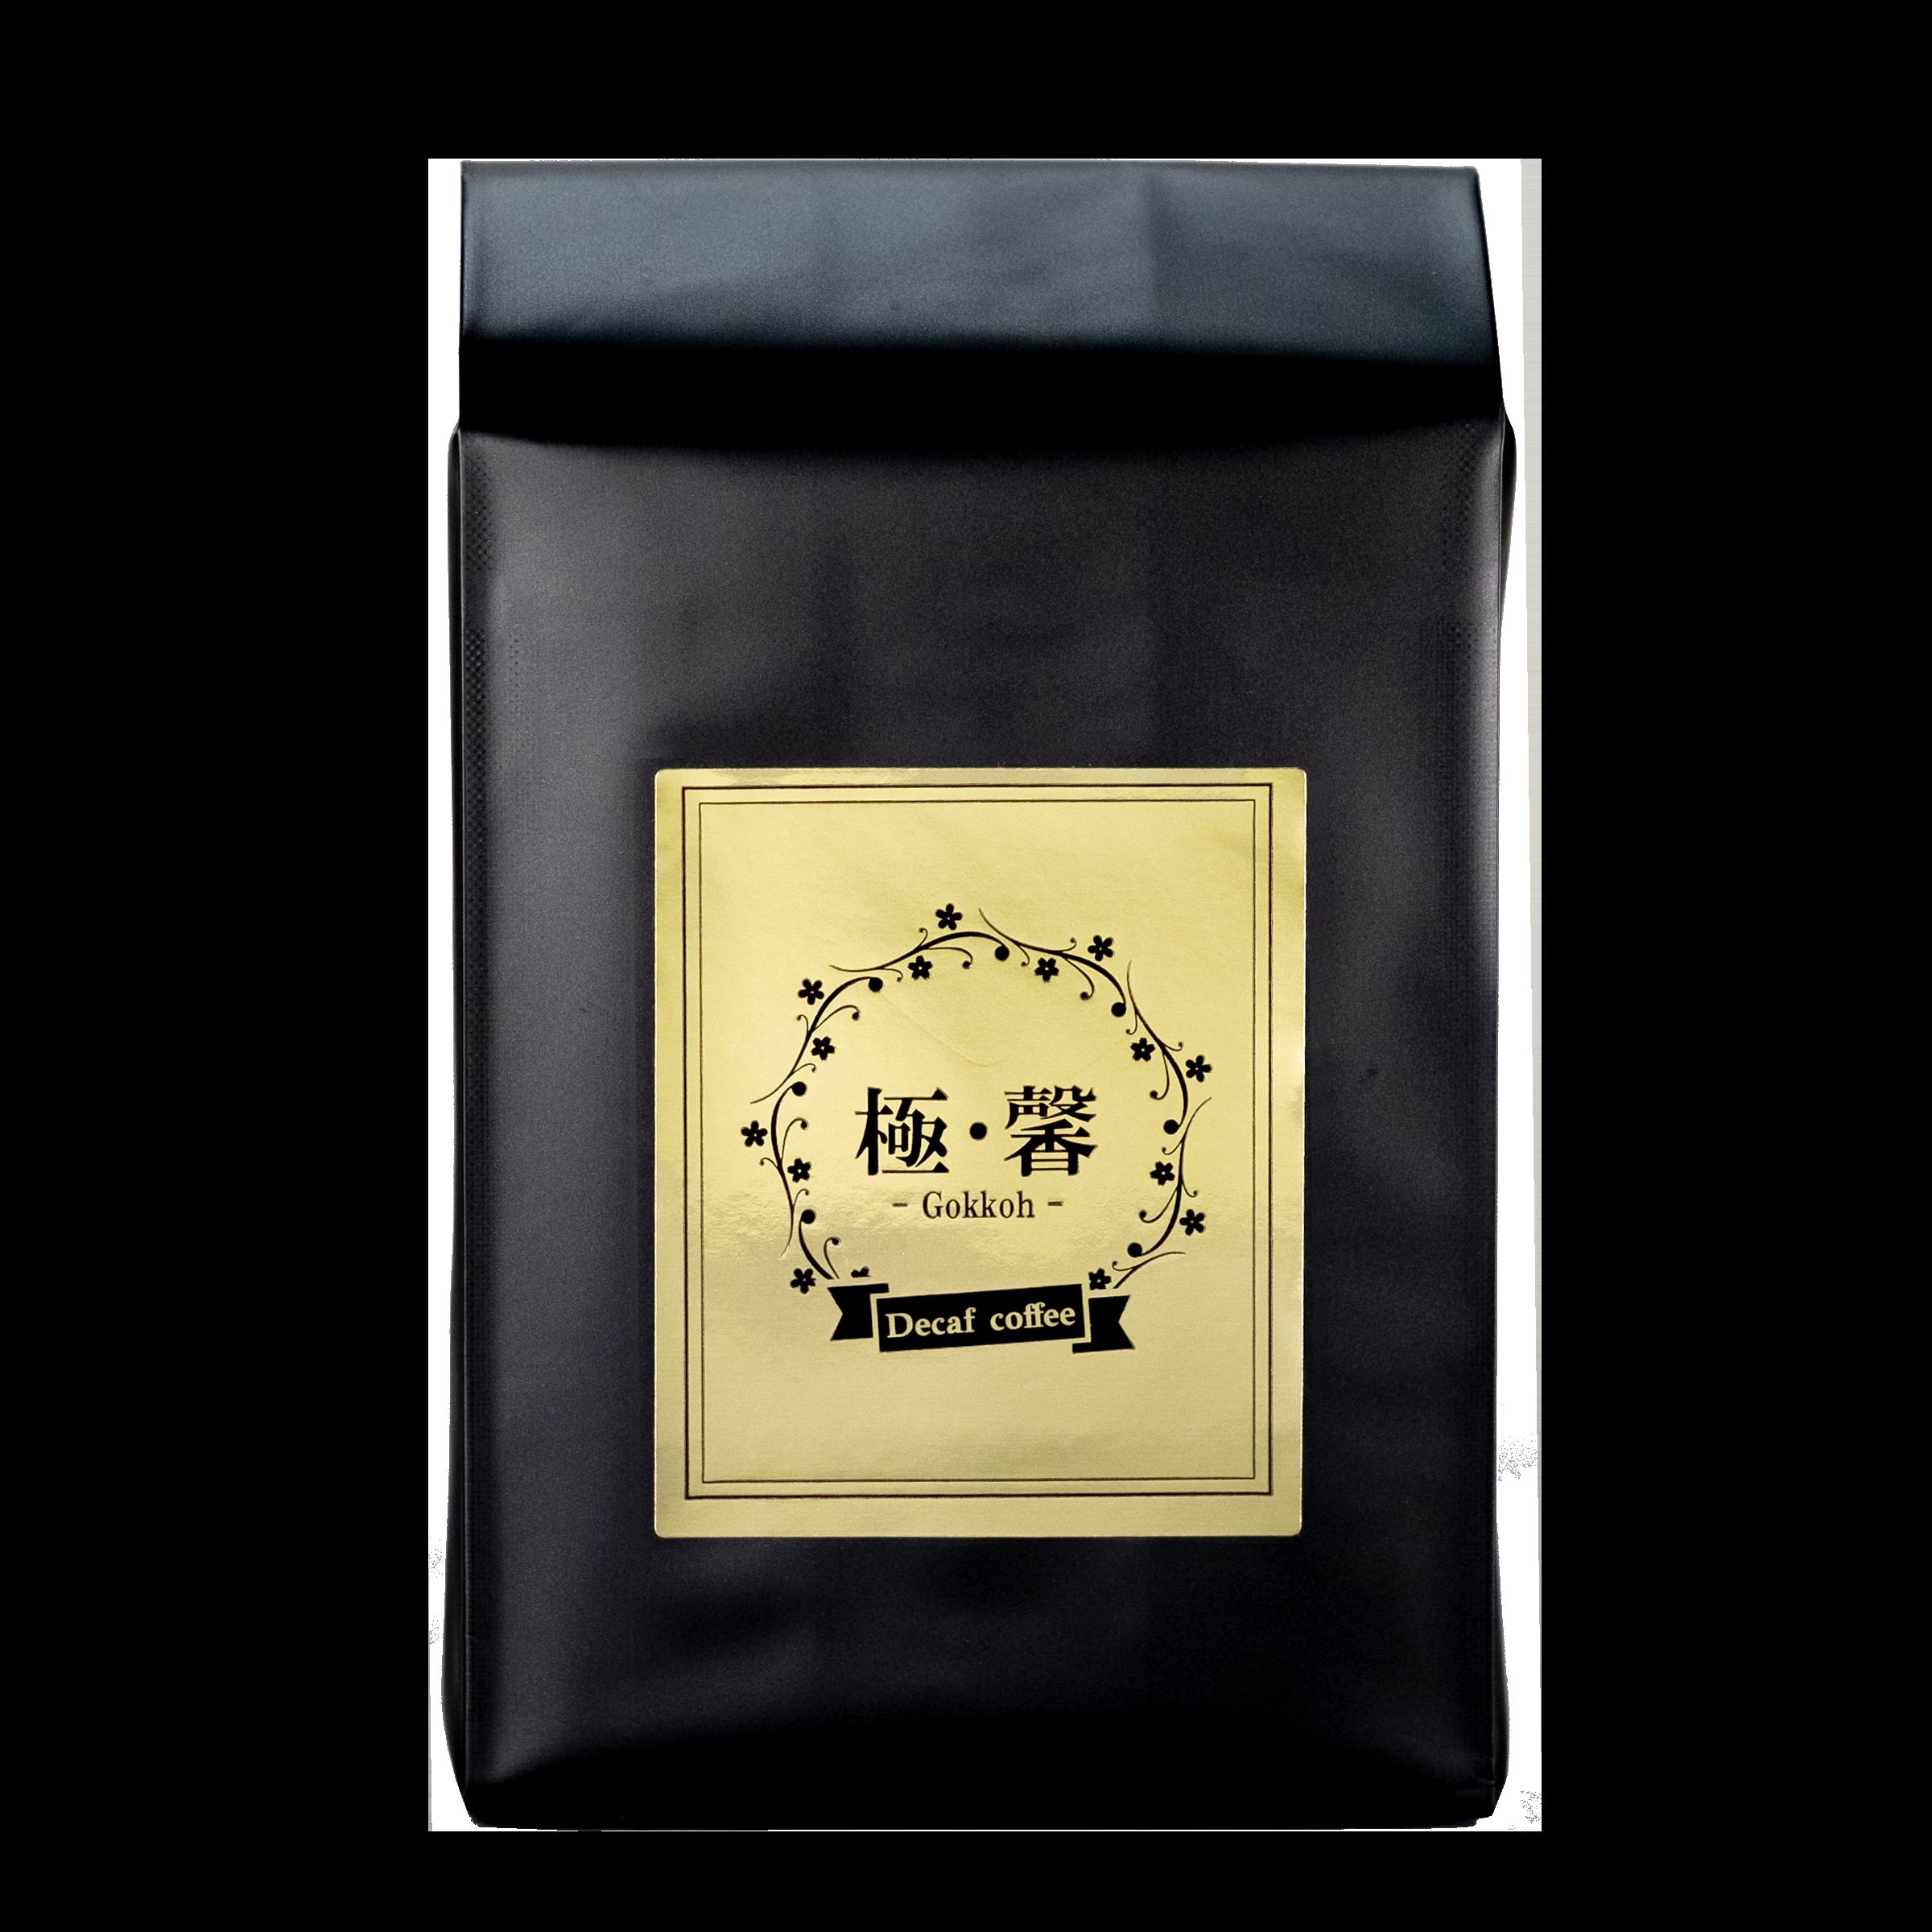 デカフェ コーヒー ノーマル(200g レギュラー)